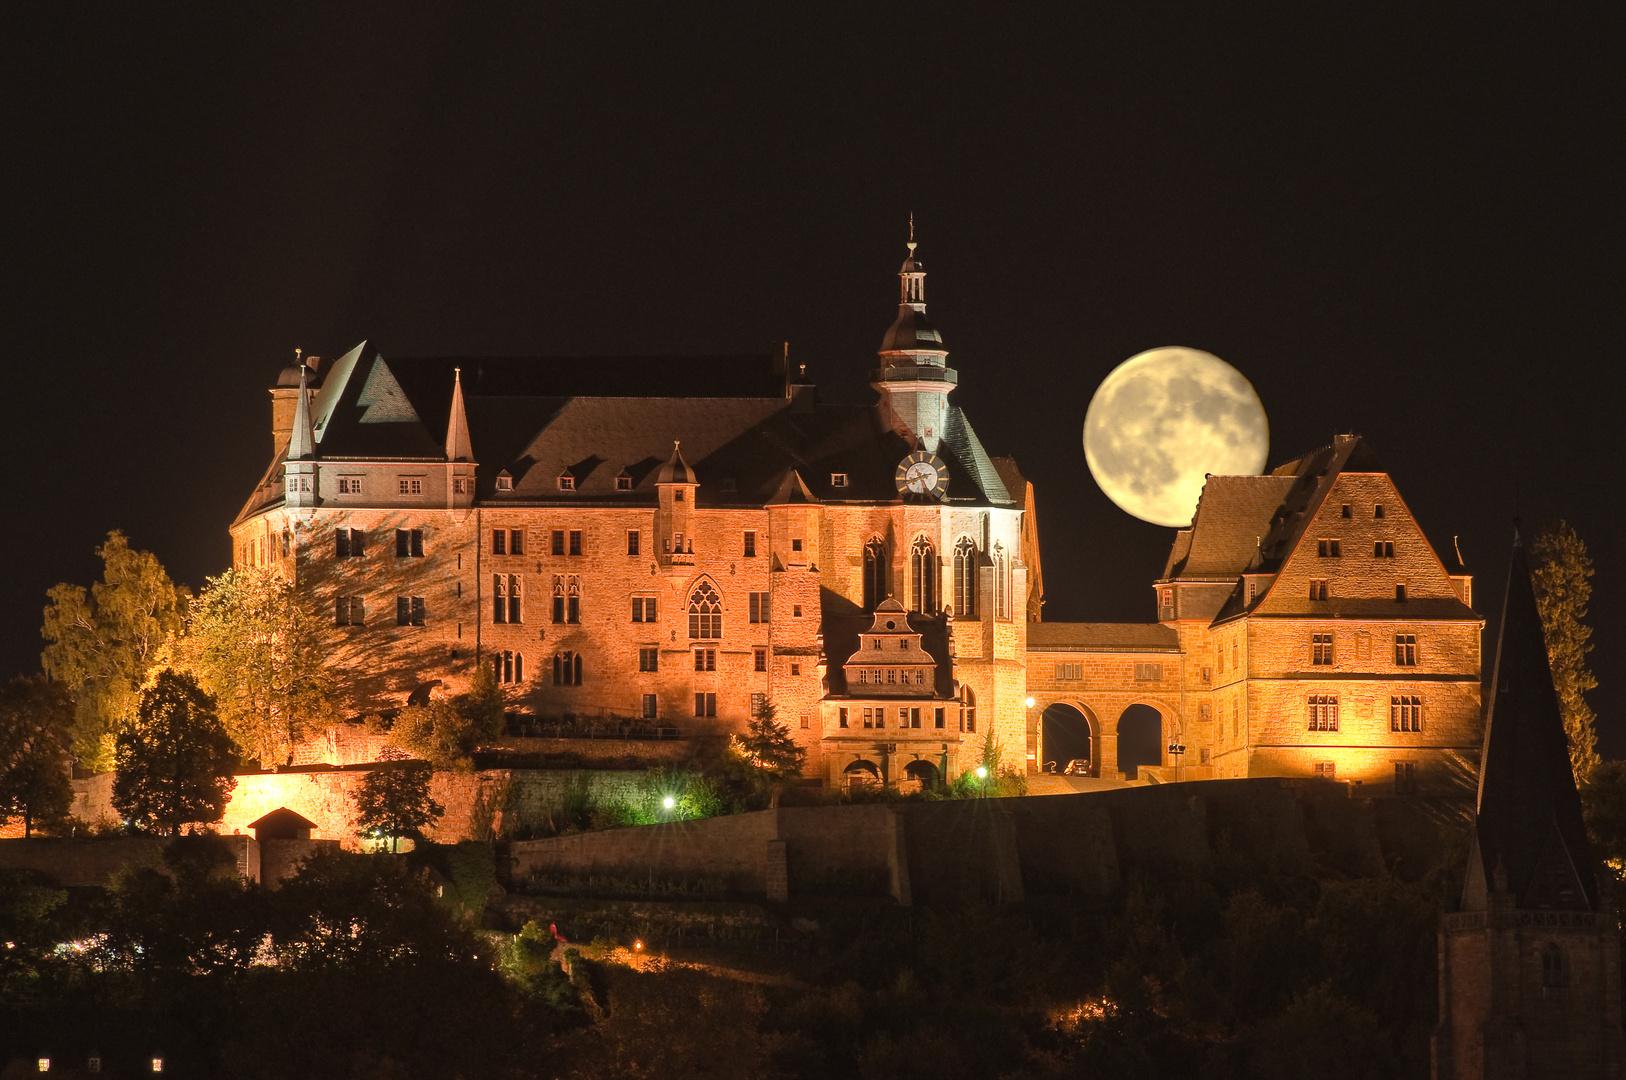 Landgrafen Schloss Marburg